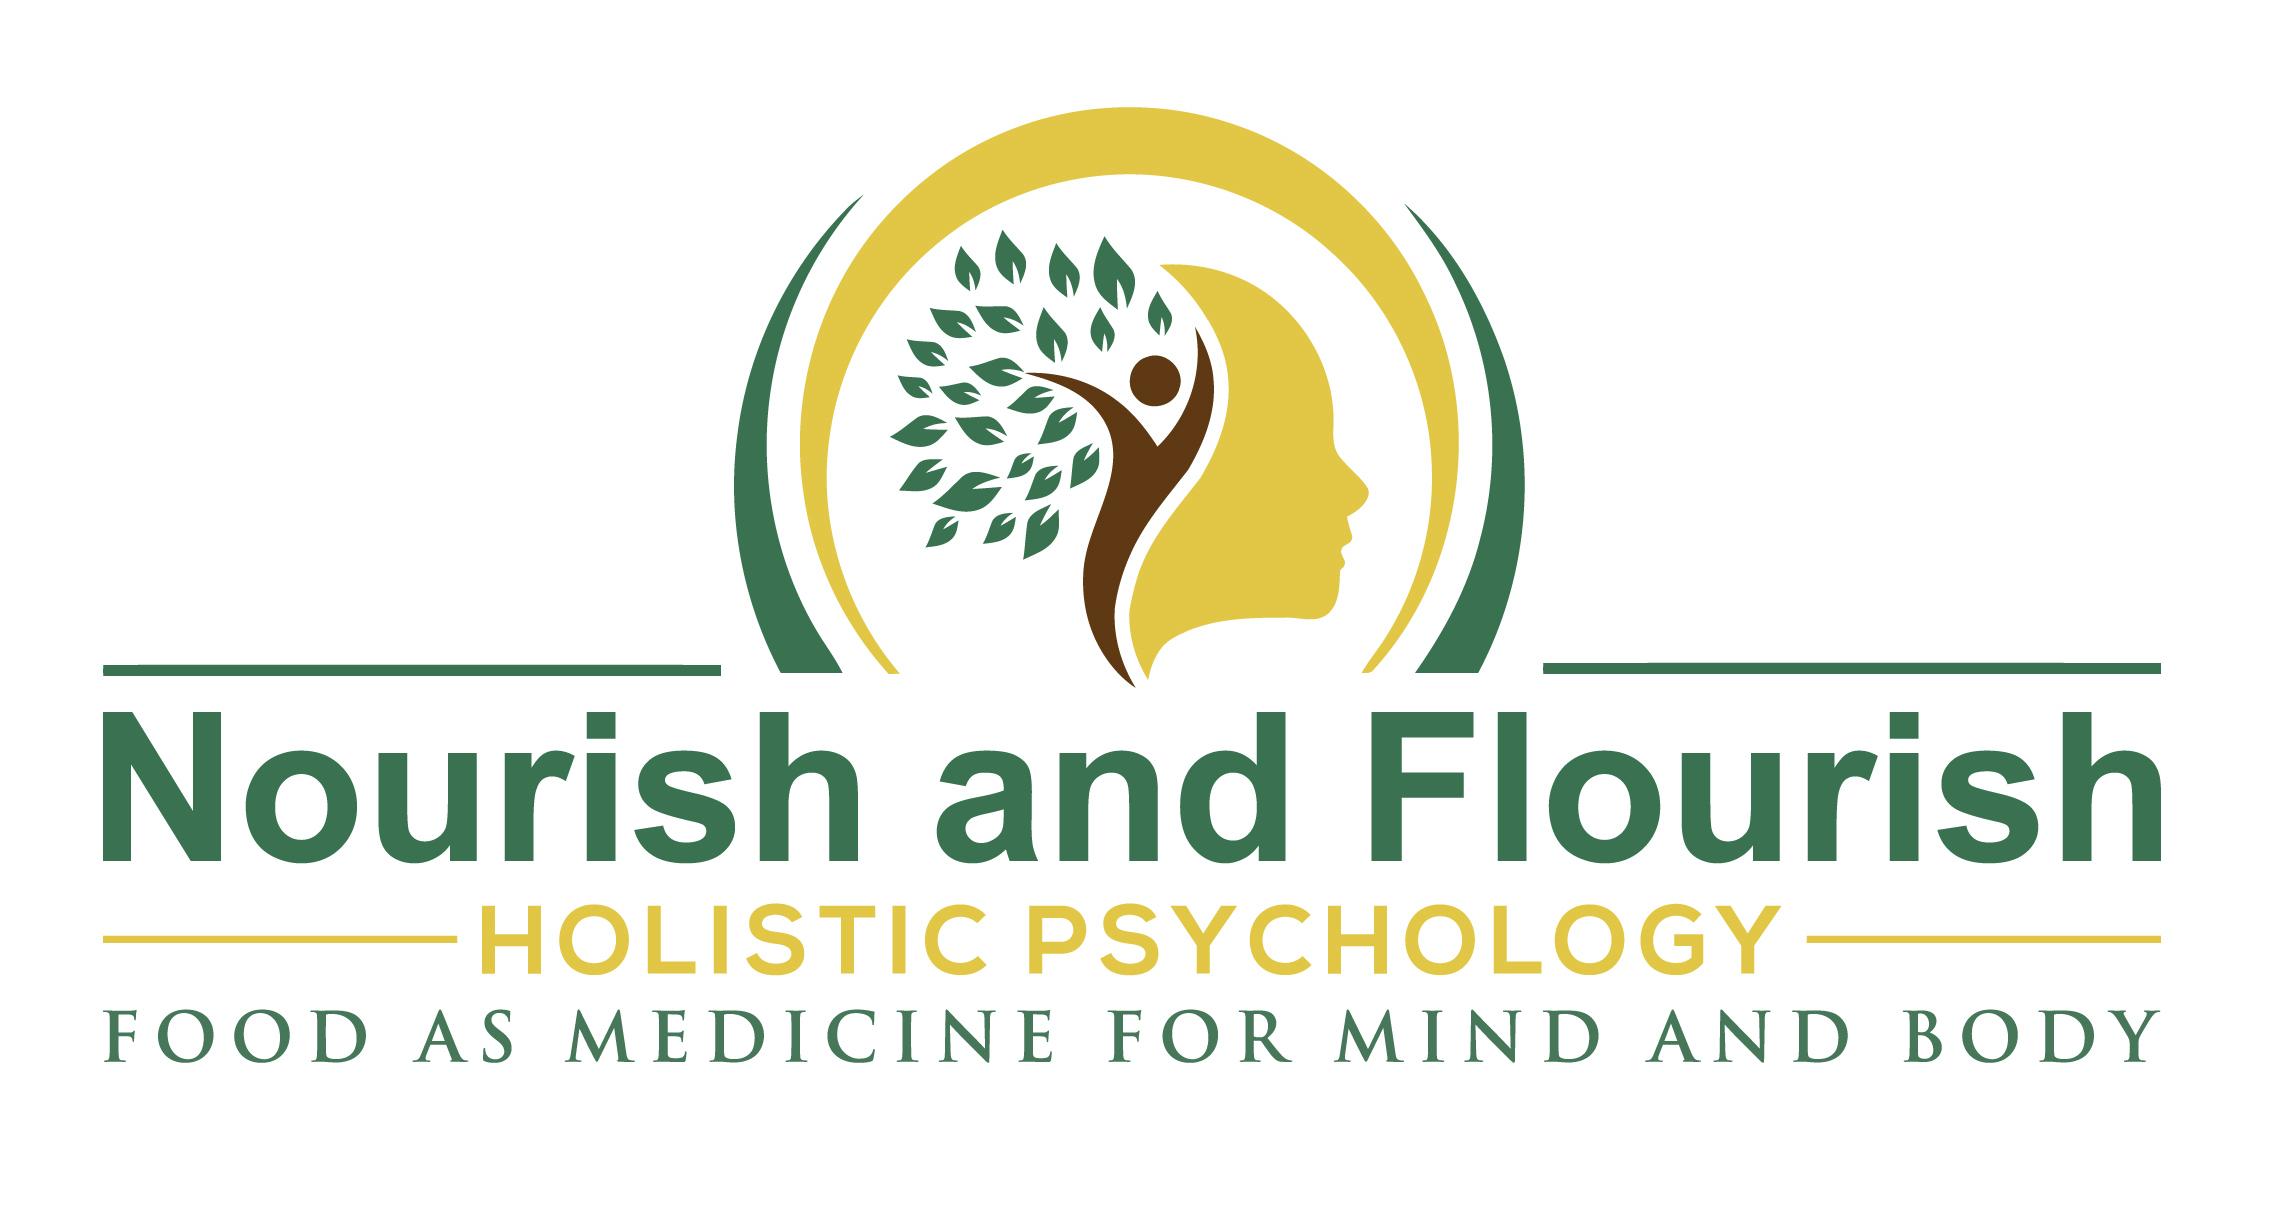 Nourish & Flourish Holistic Psychology, Inc.